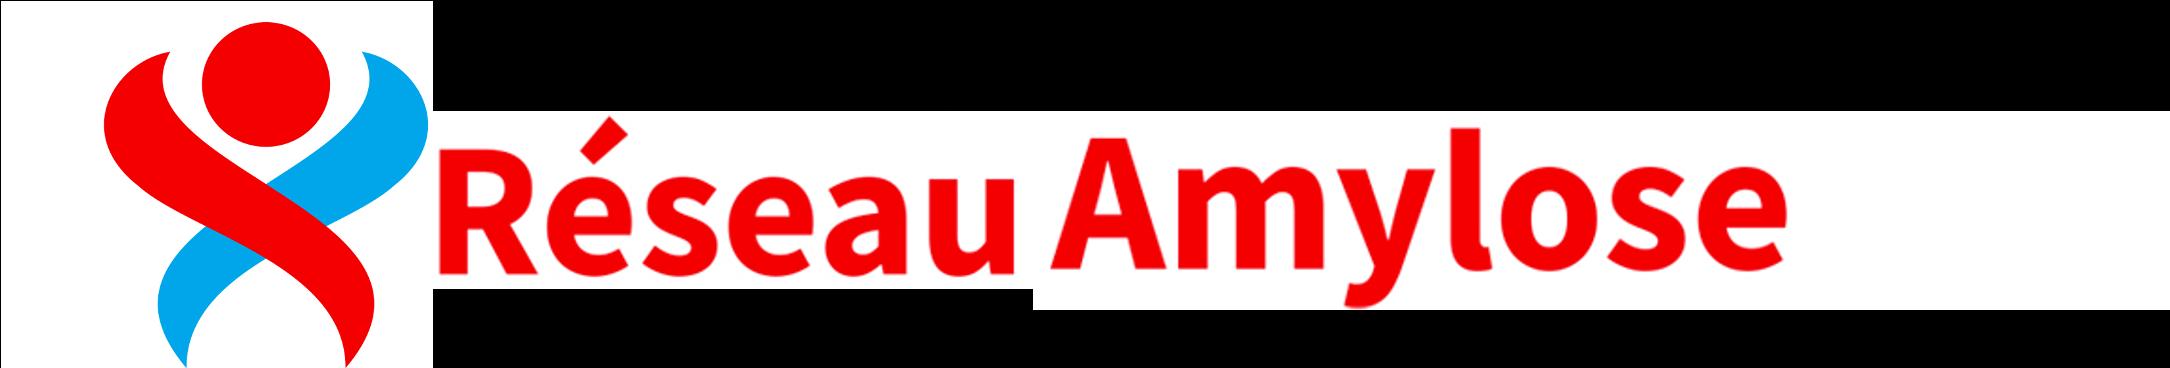 Réseau Amylose - recherche